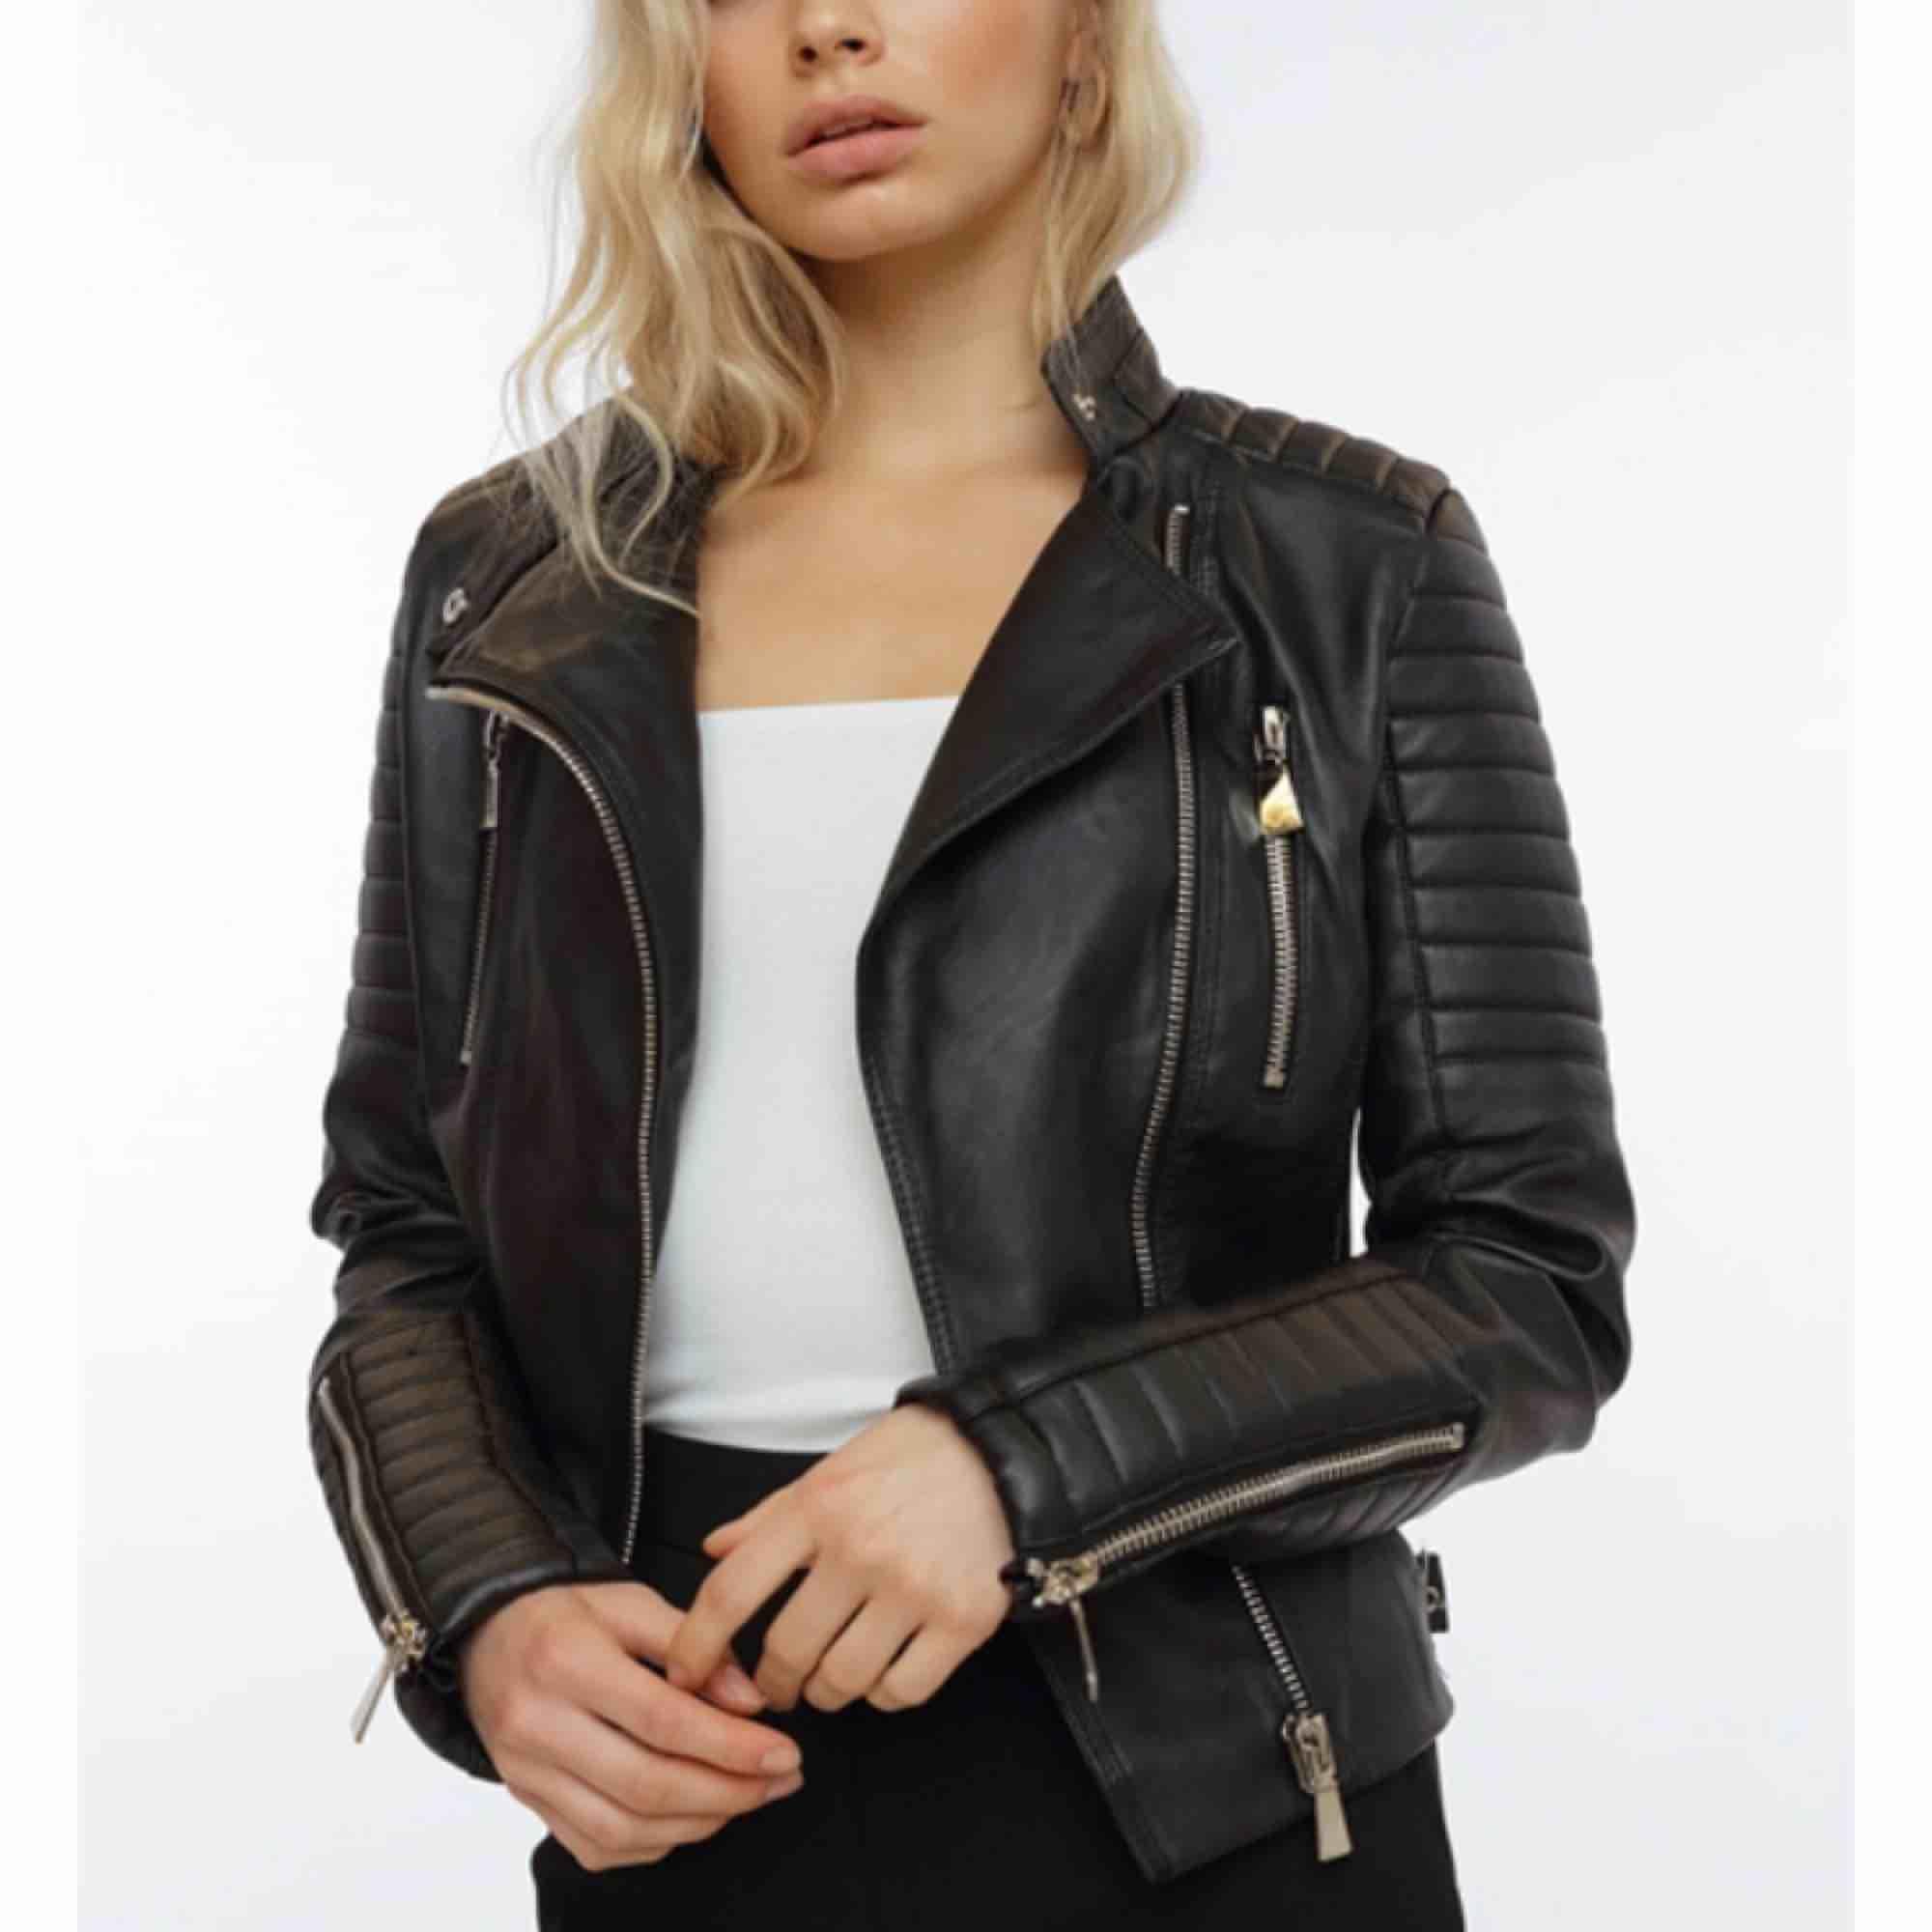 Säljer min moto jacket från chiquelle då jag har en till. Strl. 38 Frakt tillkommer, Betalning sker via swish. Priset kan diskuteras . Jackor.